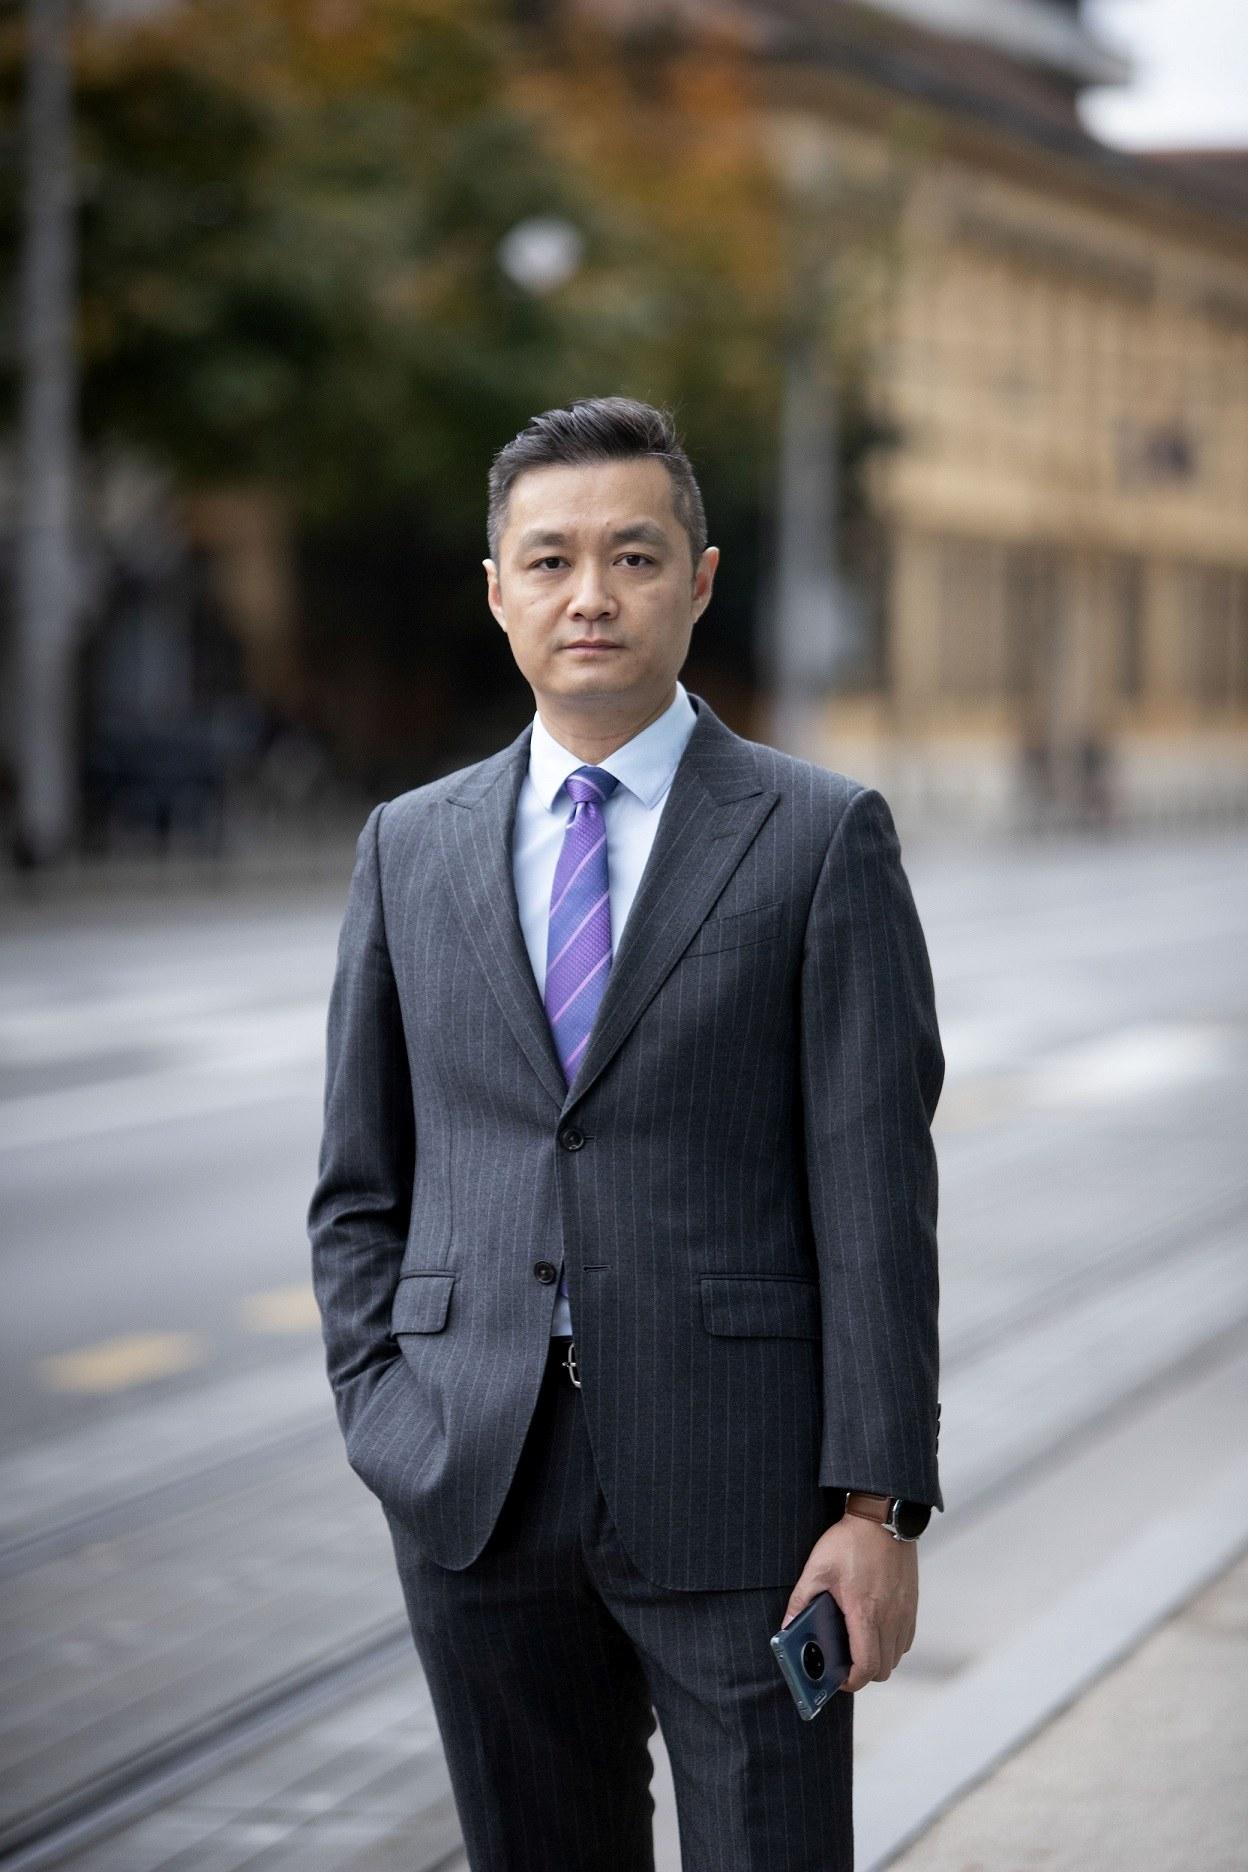 Fotografija 1 Zhang Heng glavni direktor Huawei Technologies Croatia